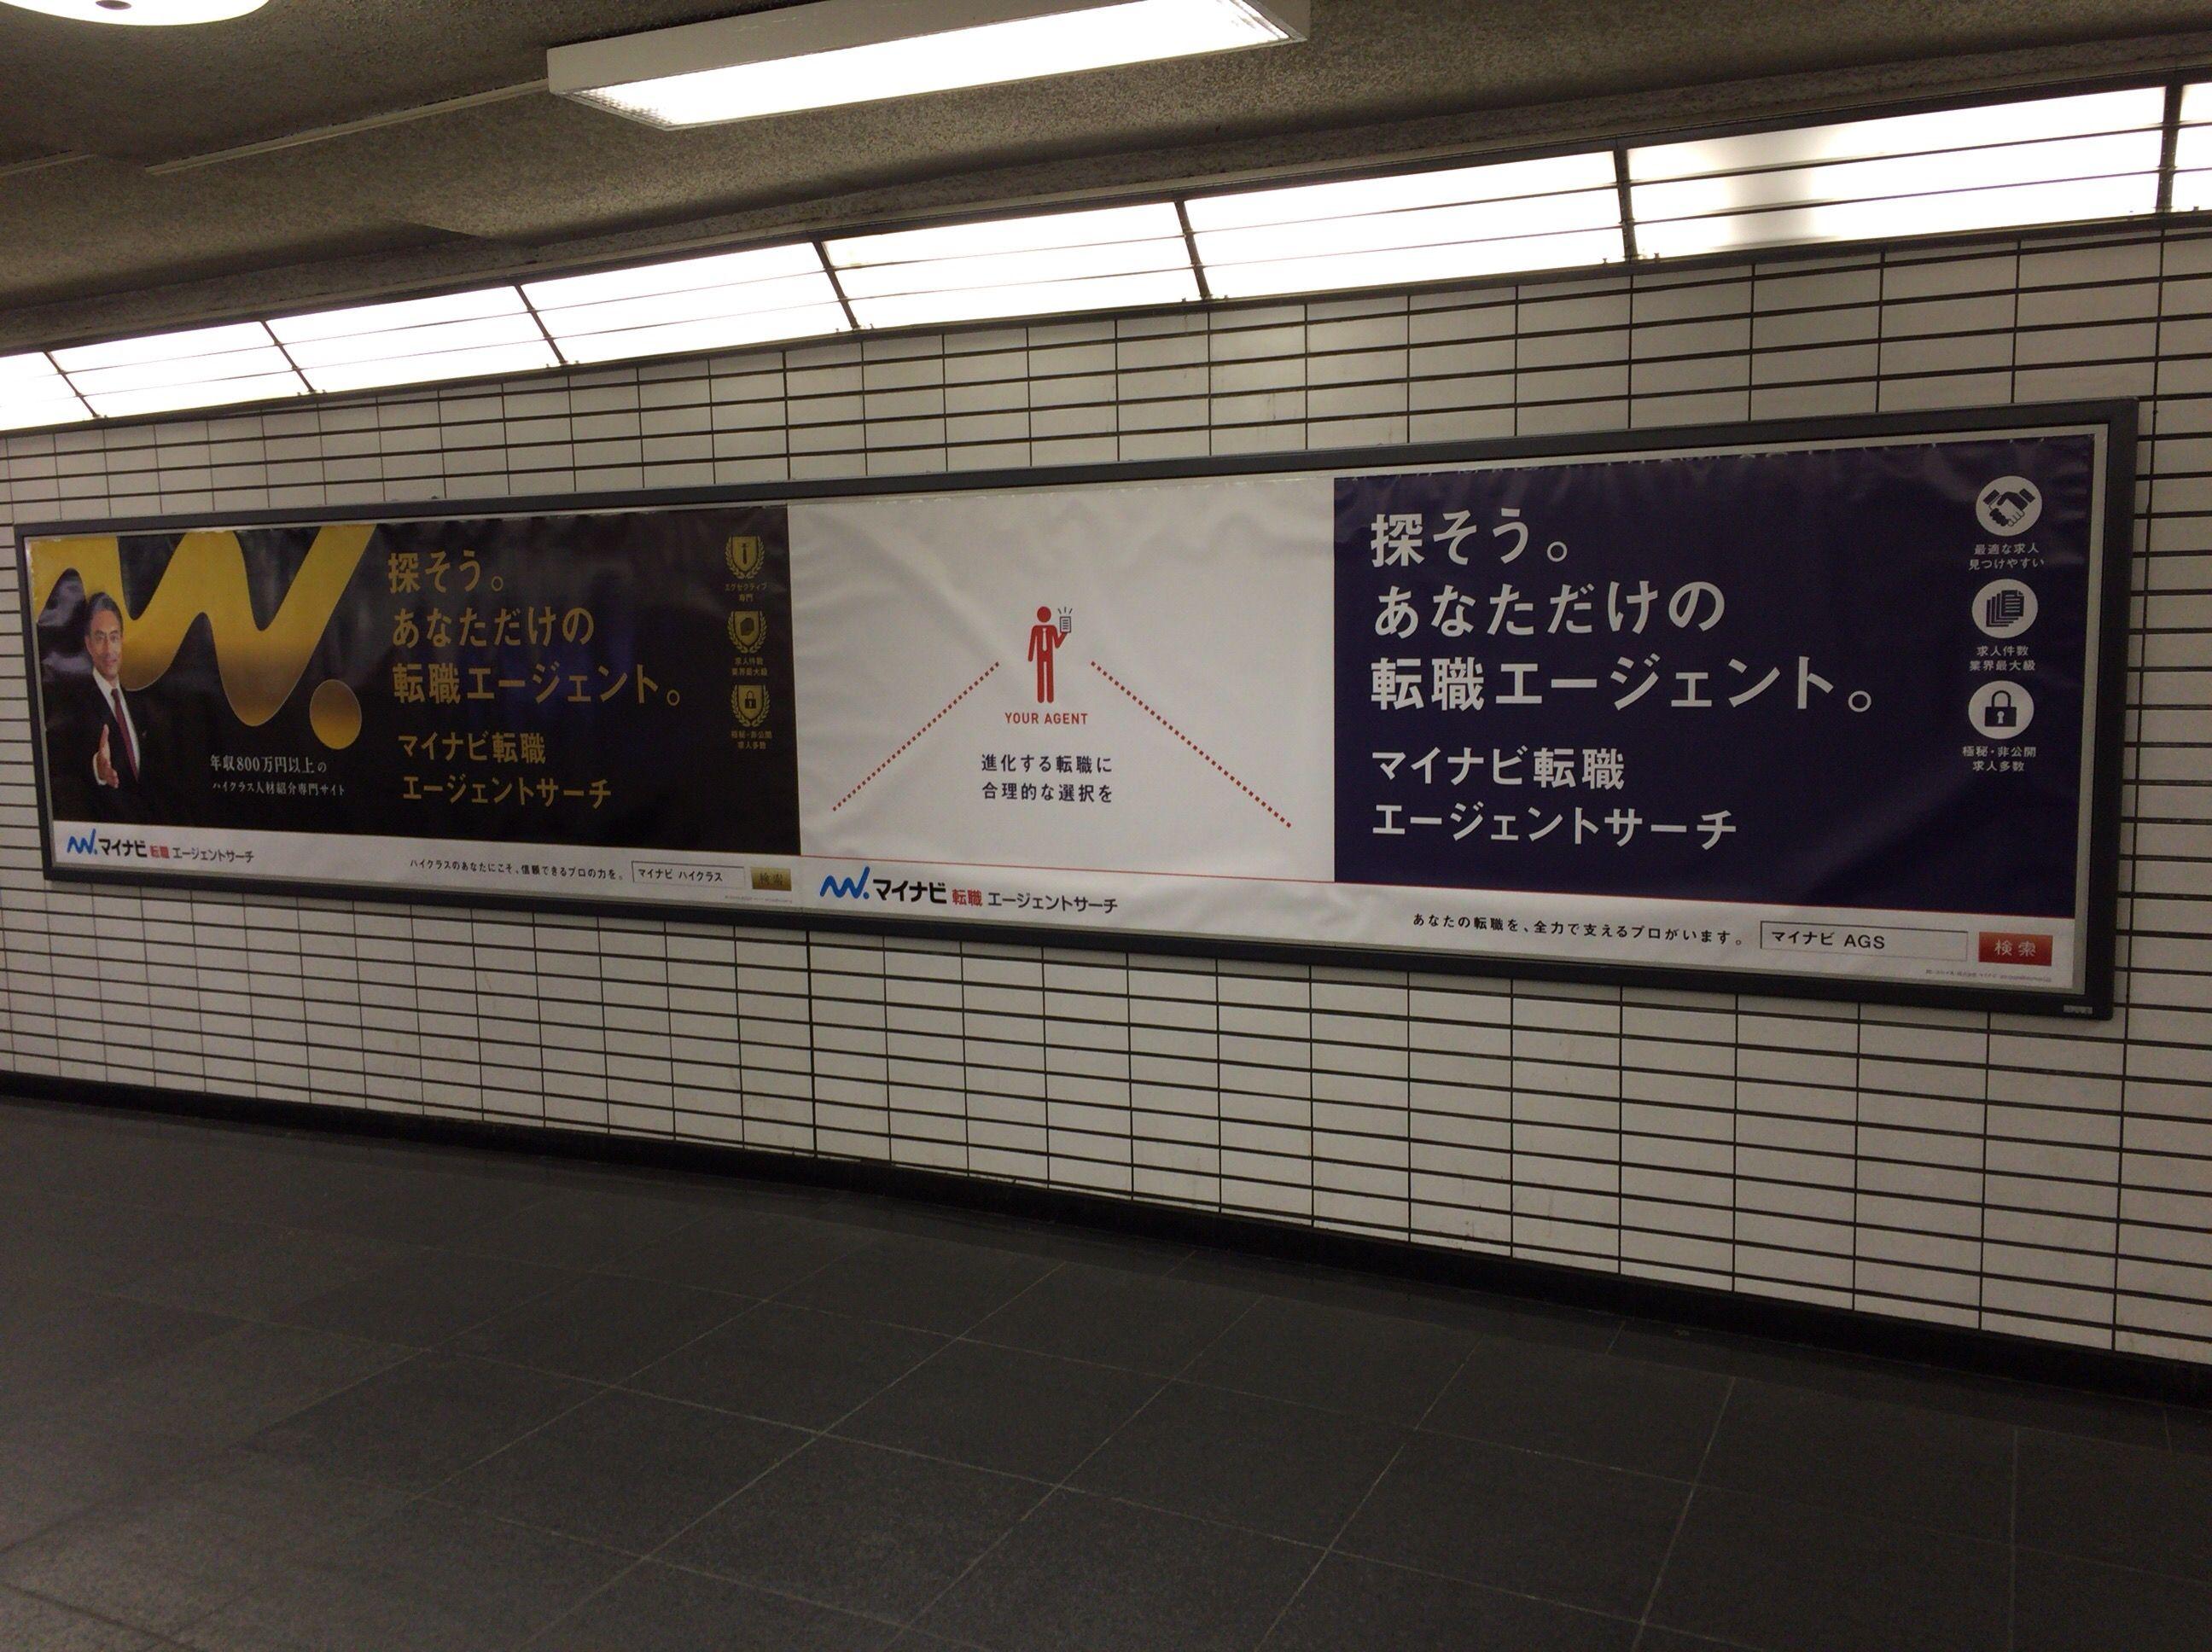 年収 東京 メトロ